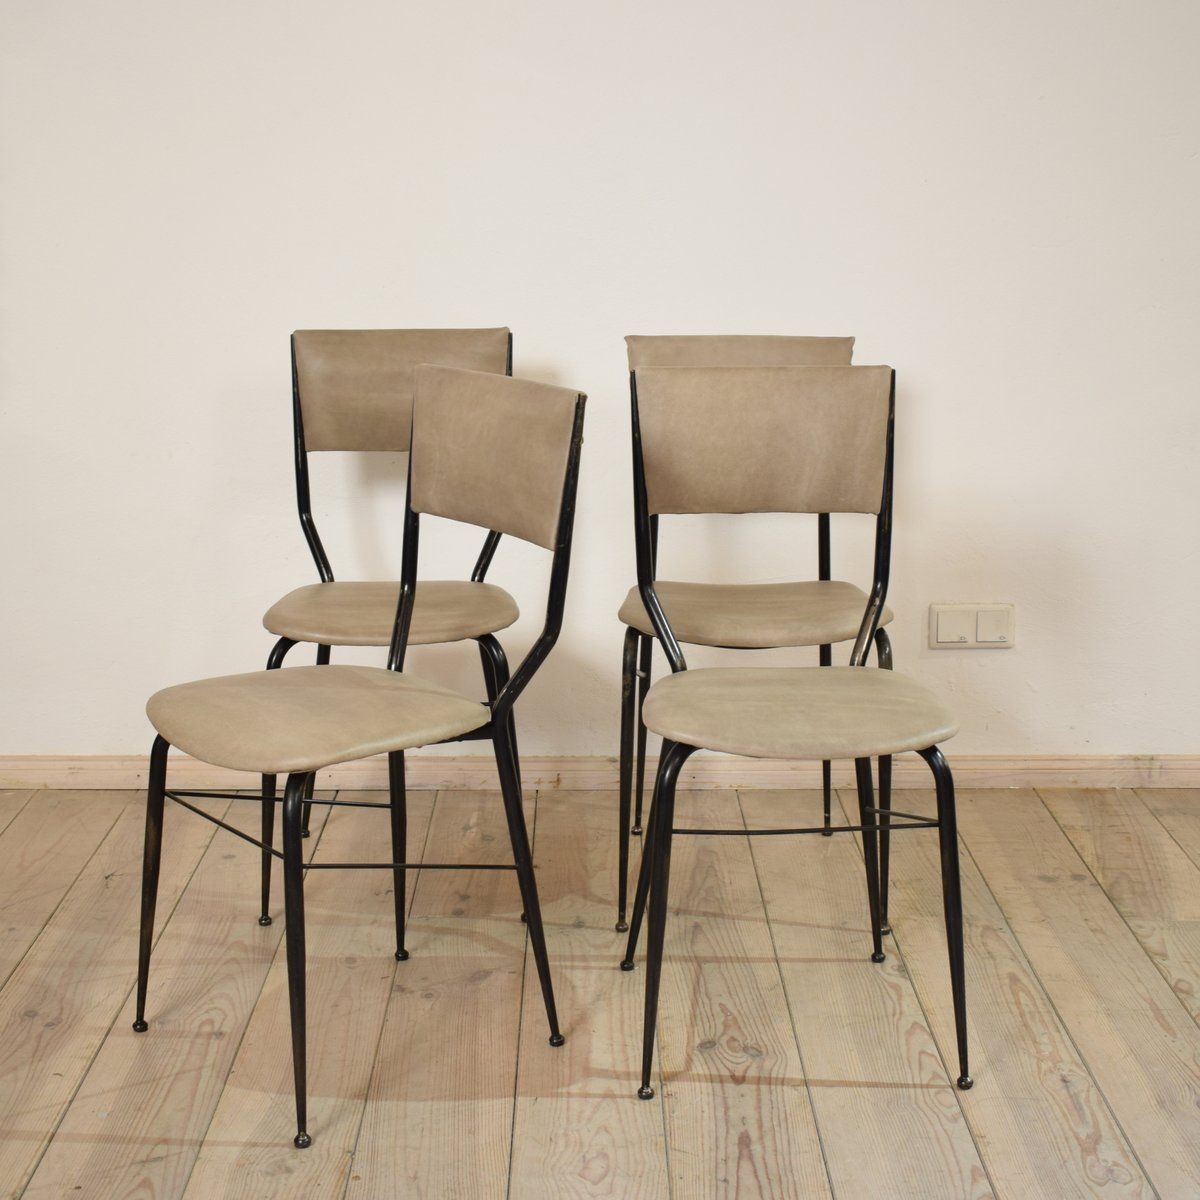 italienische mid century esszimmerst hle 4er set bei pamono kaufen. Black Bedroom Furniture Sets. Home Design Ideas